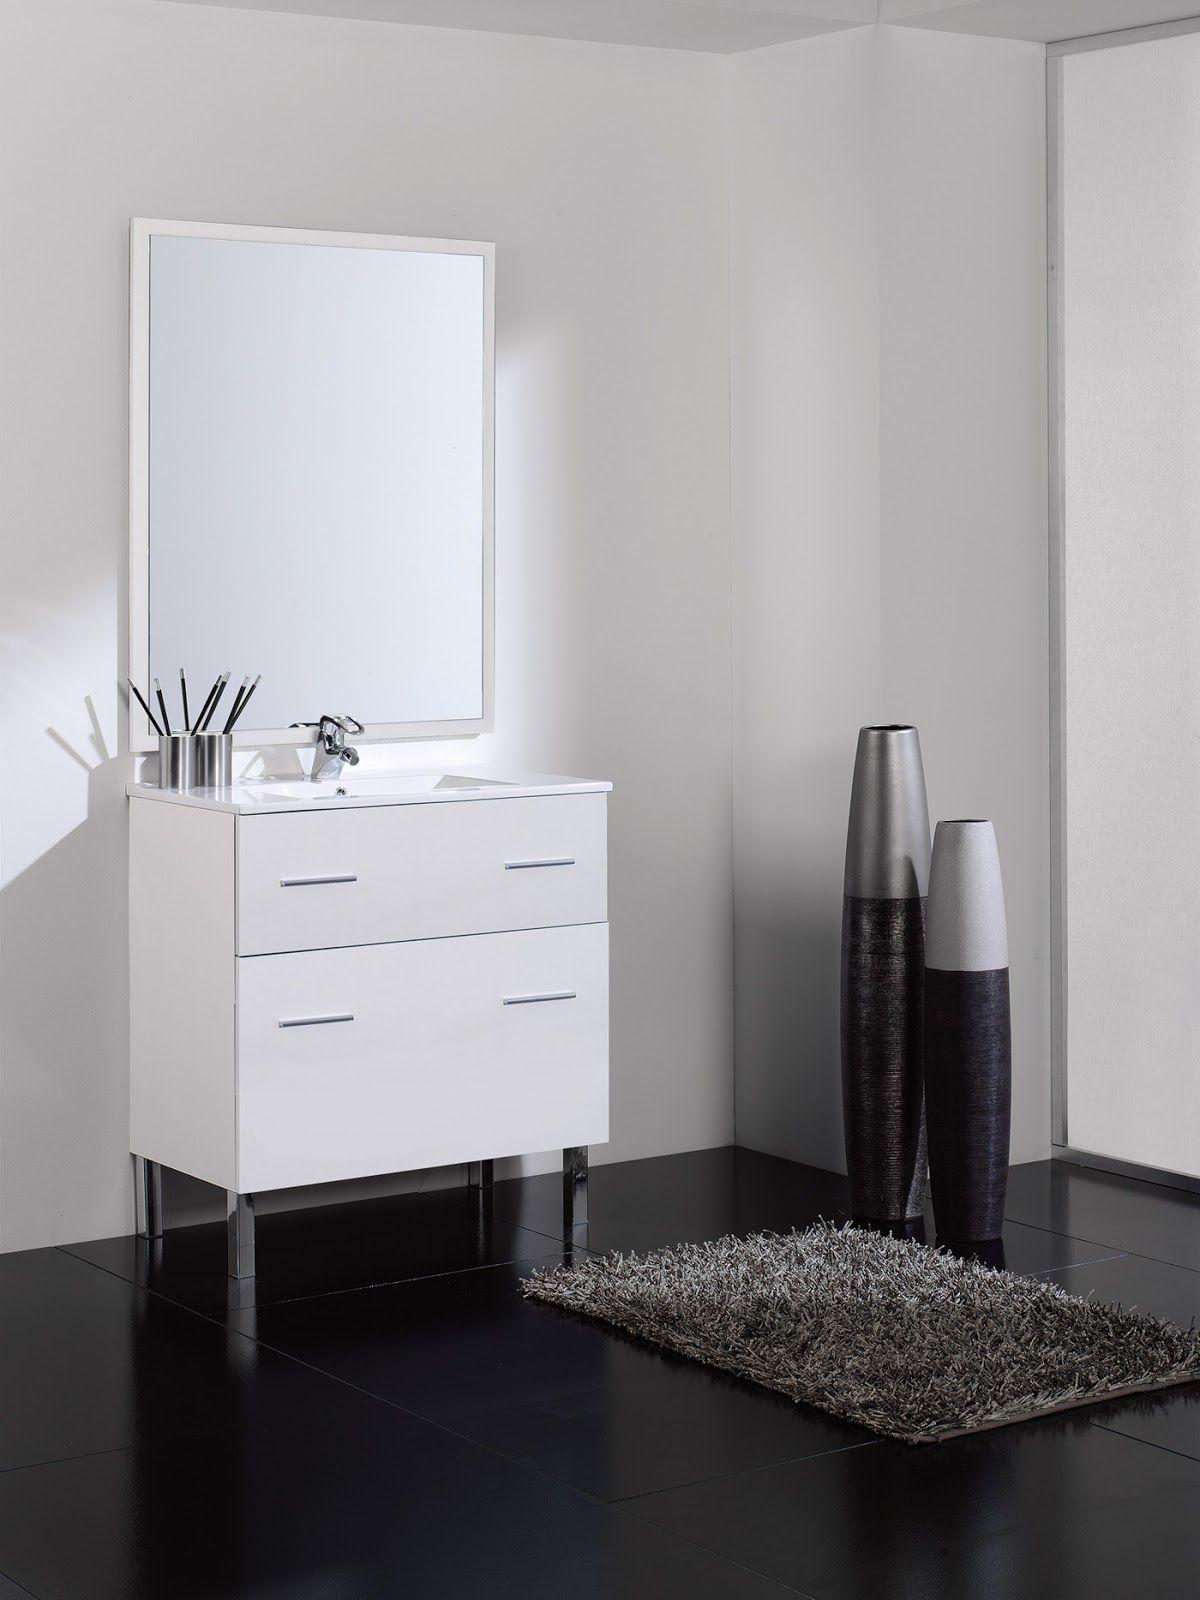 OFERTA Mueble ba o blanco con patas 2 cajones Incluye lavabo